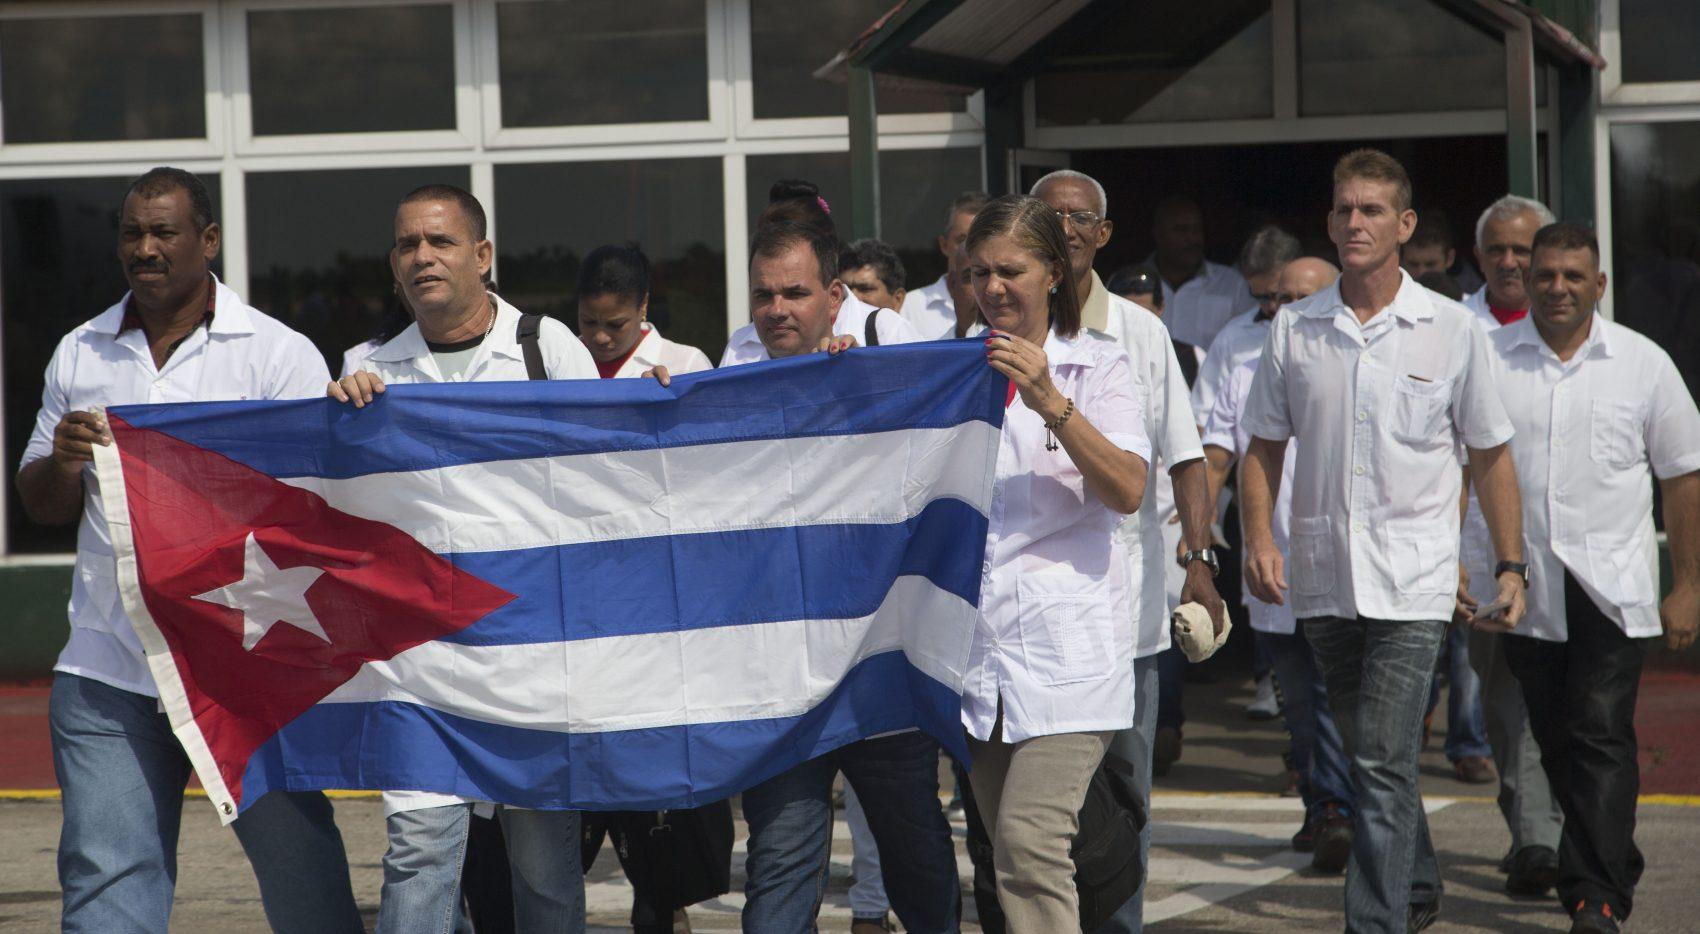 Medicos cubanos embarcam para o Haiti em 2016: programa de ajuda humanitária, o Mais Médicos integra médicos de diversas nacionalidades, sendo conhecido e respeitado por governos democráticos